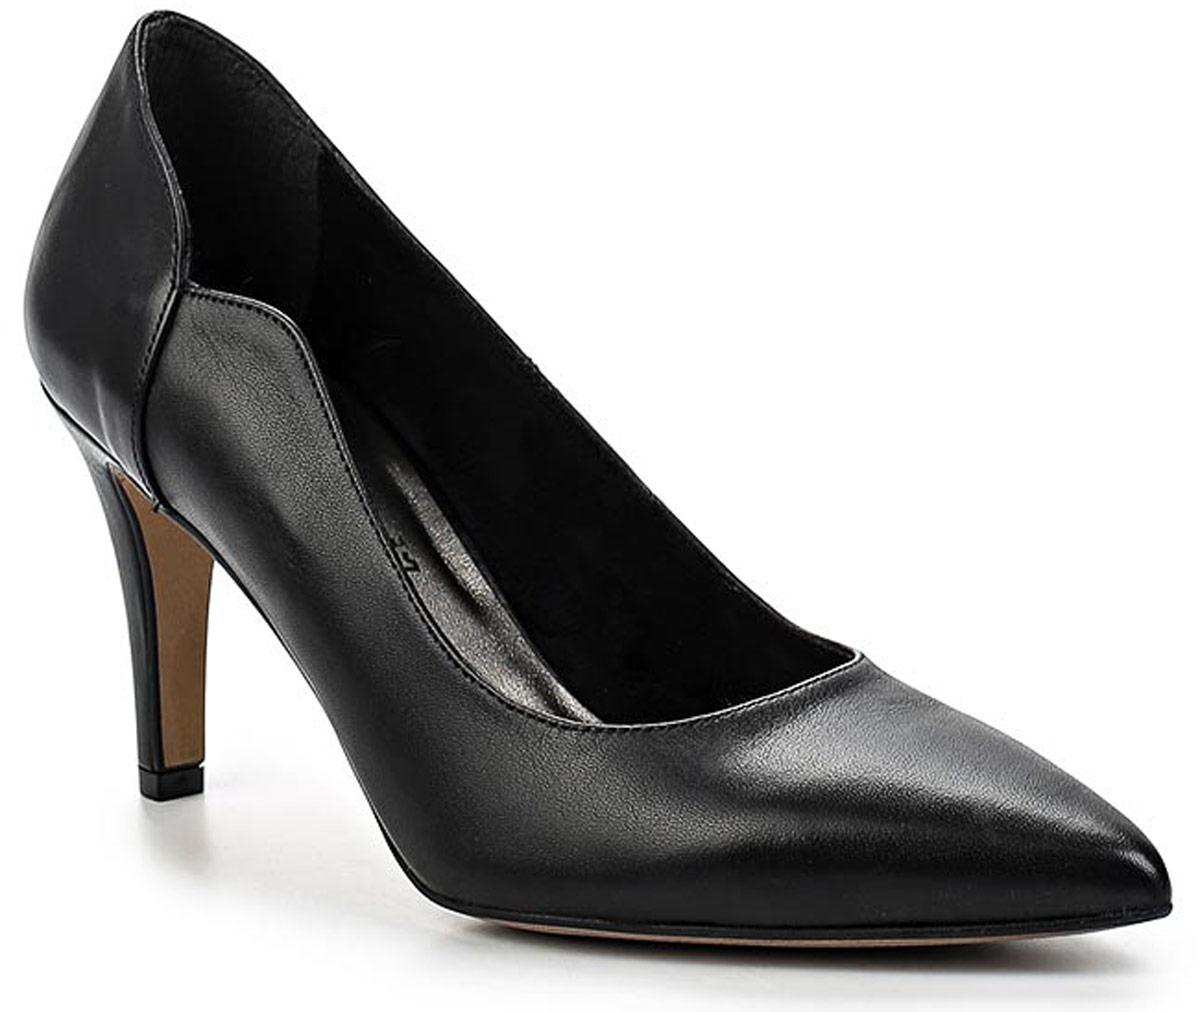 Туфли женские Tamaris, цвет: черный. 1-1-22423-28-003/205. Размер 391-1-22423-28-003/205Стильные женские туфли Tamaris придутся вам по душе!Модель выполнена из качественной кожи. Невероятно мягкая съемная стелька из натуральной кожи гарантирует максимальный комфорт при движении и позволяет ногам дышать. Устойчивый каблук и подошва не скользят.Удобные туфли помогут вам создать яркий, запоминающийся образ и выделиться среди окружающих.